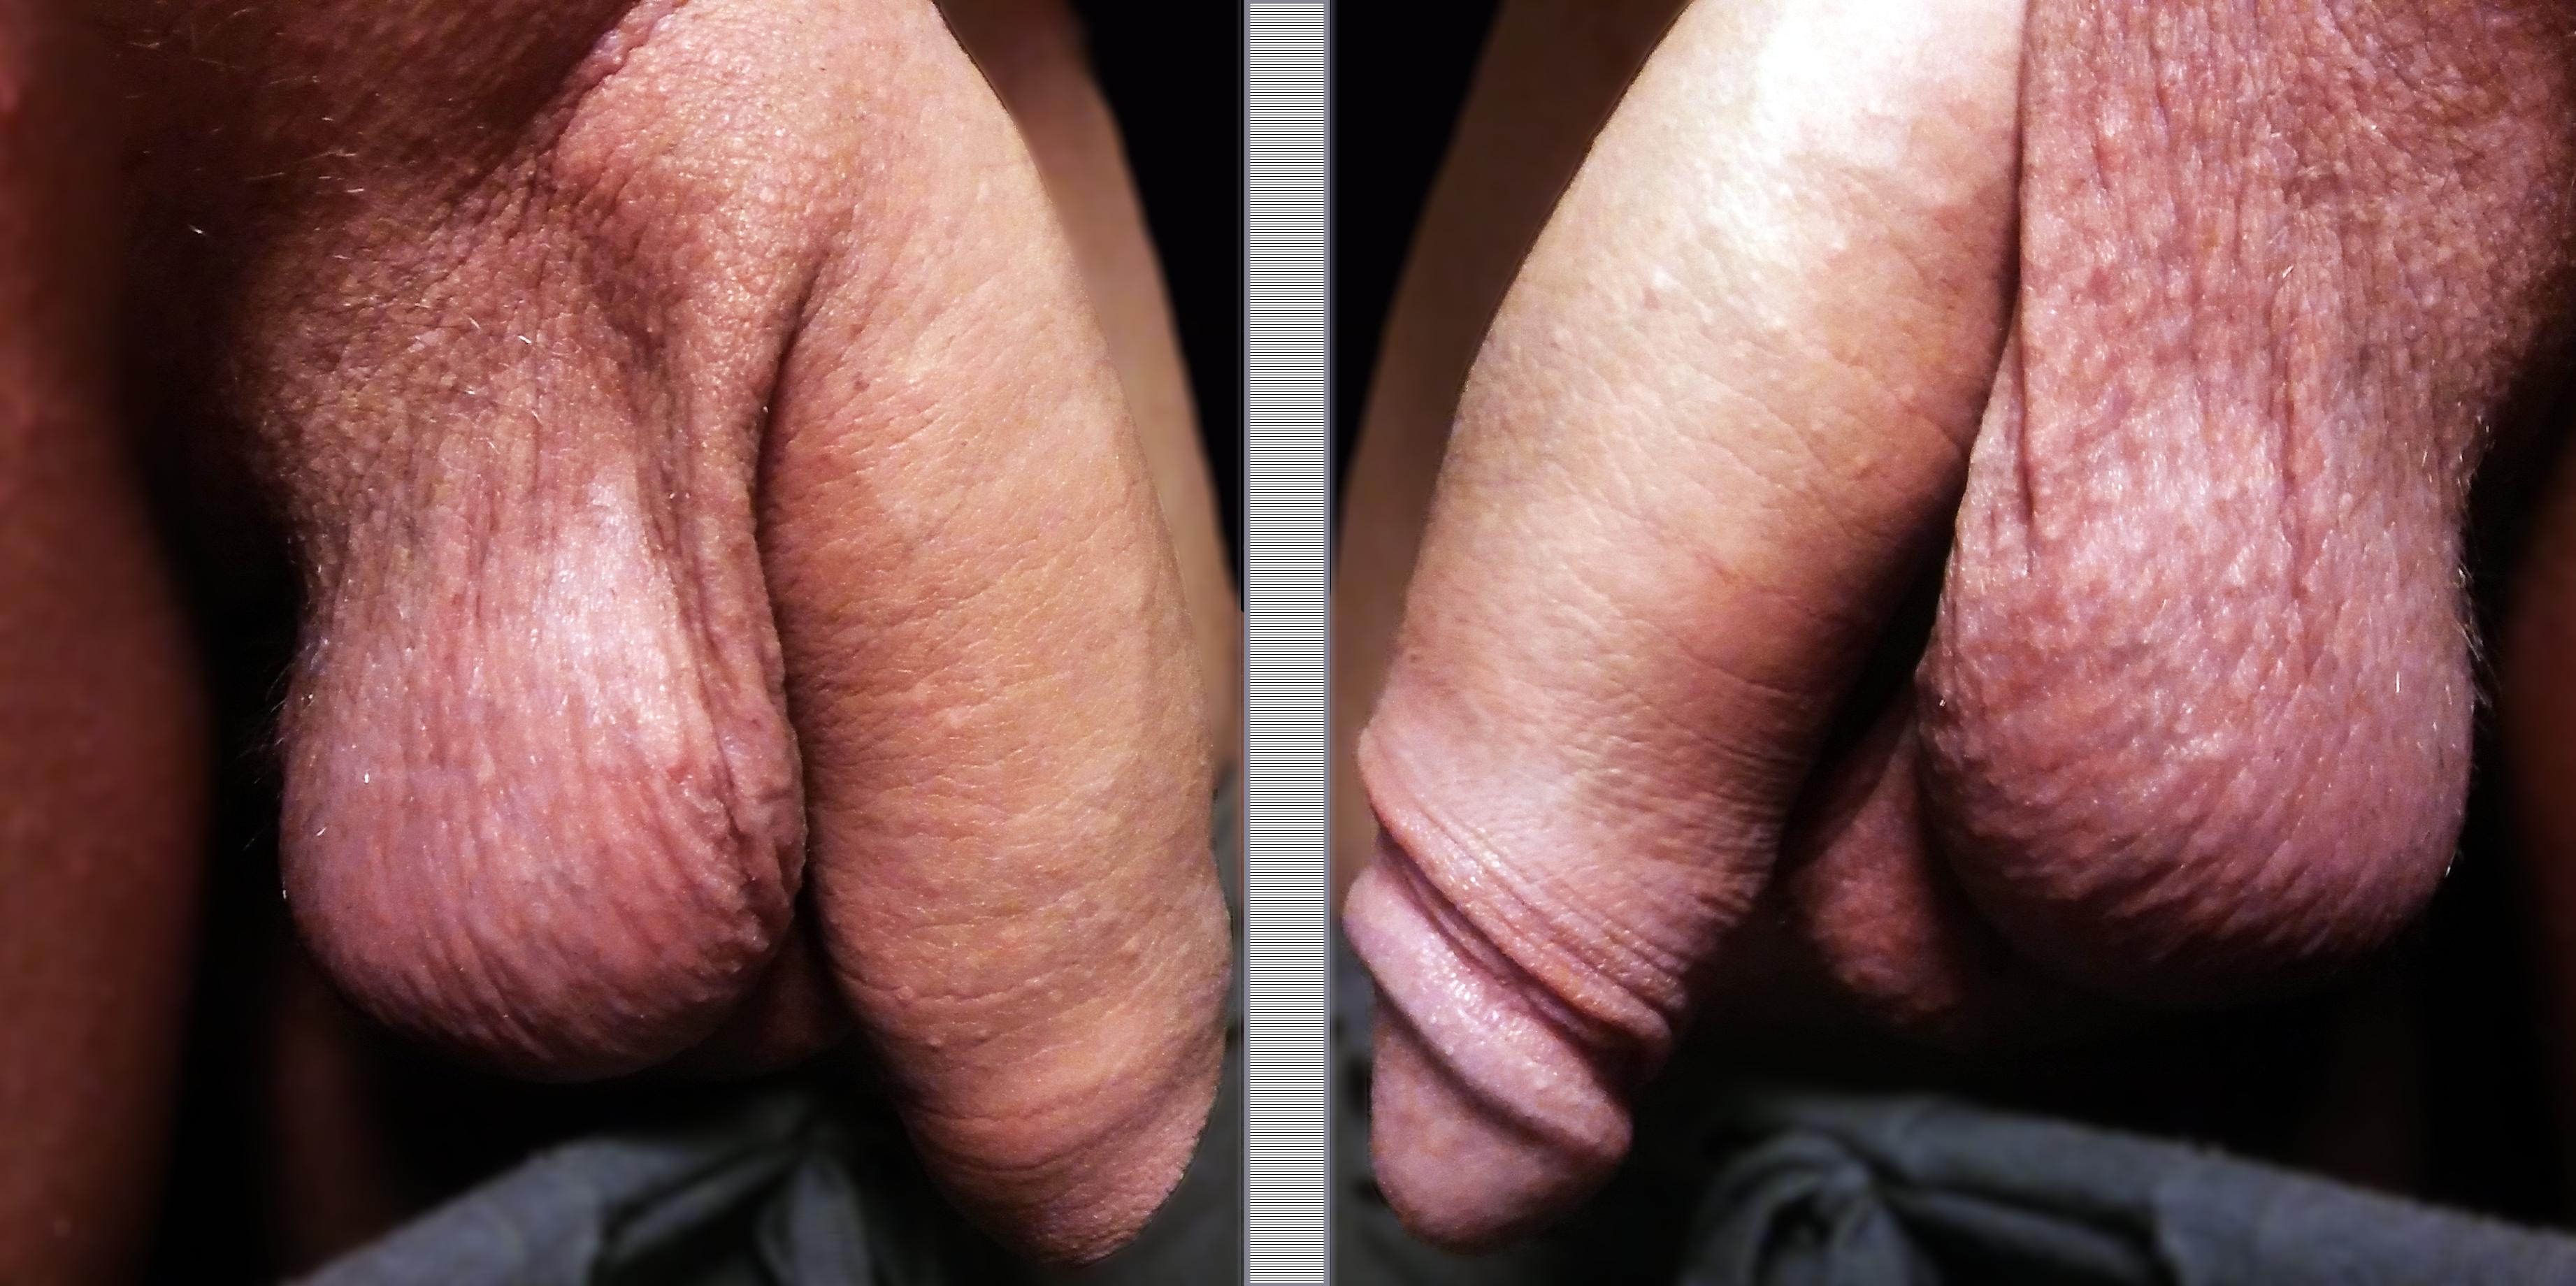 Uncircumcised penis pic